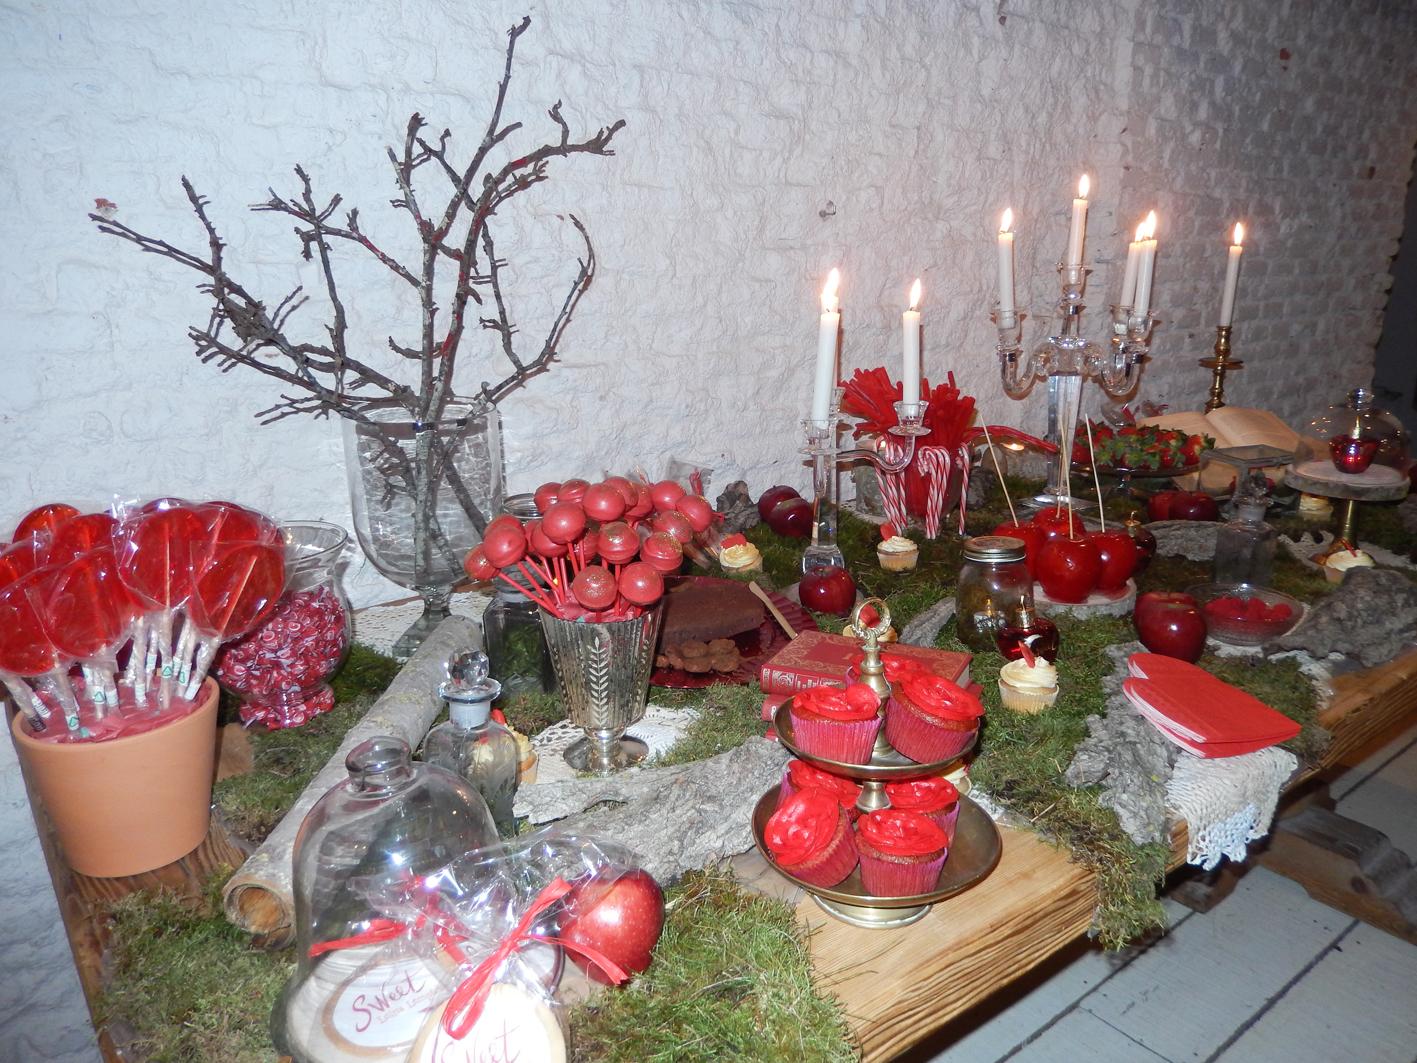 Detalle de la decoración de la presentación de Lolita Lempicka.